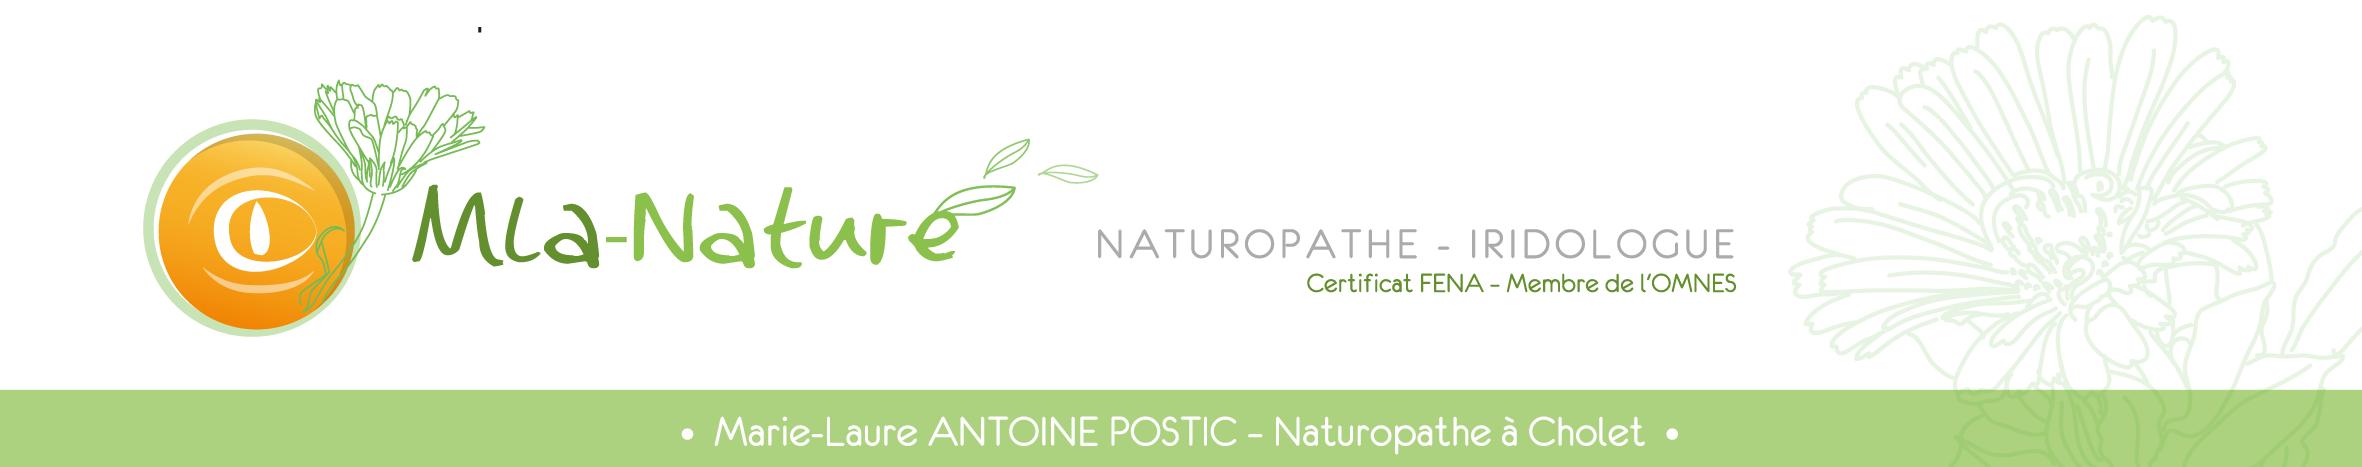 Marie-Laure ANTOINE POSTIC – Naturopathe à Cholet